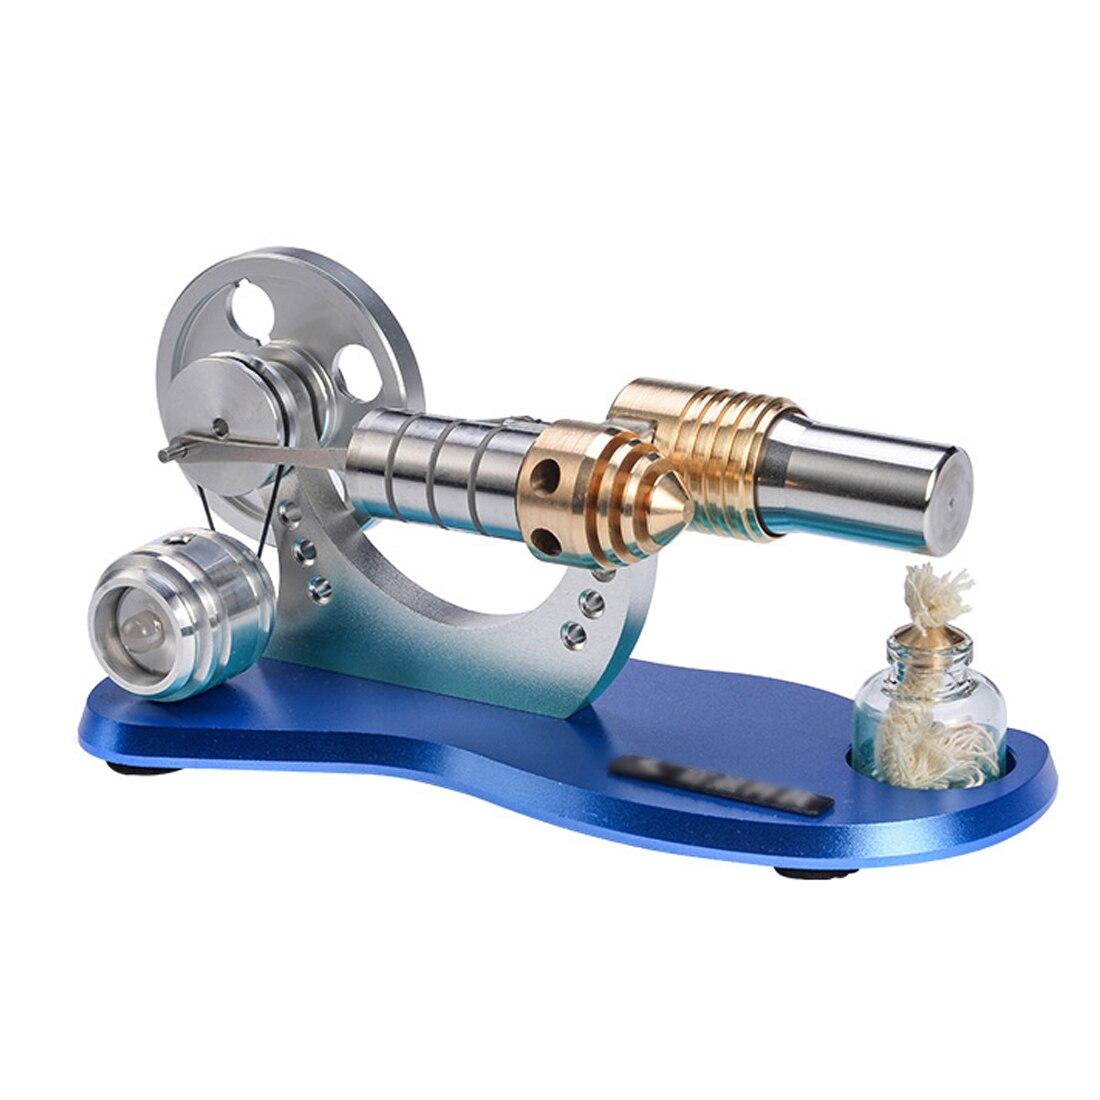 Metal Cylinder Bootable Stirling Engine Model Micro External Combustion Engine Model - Blue Baseboard